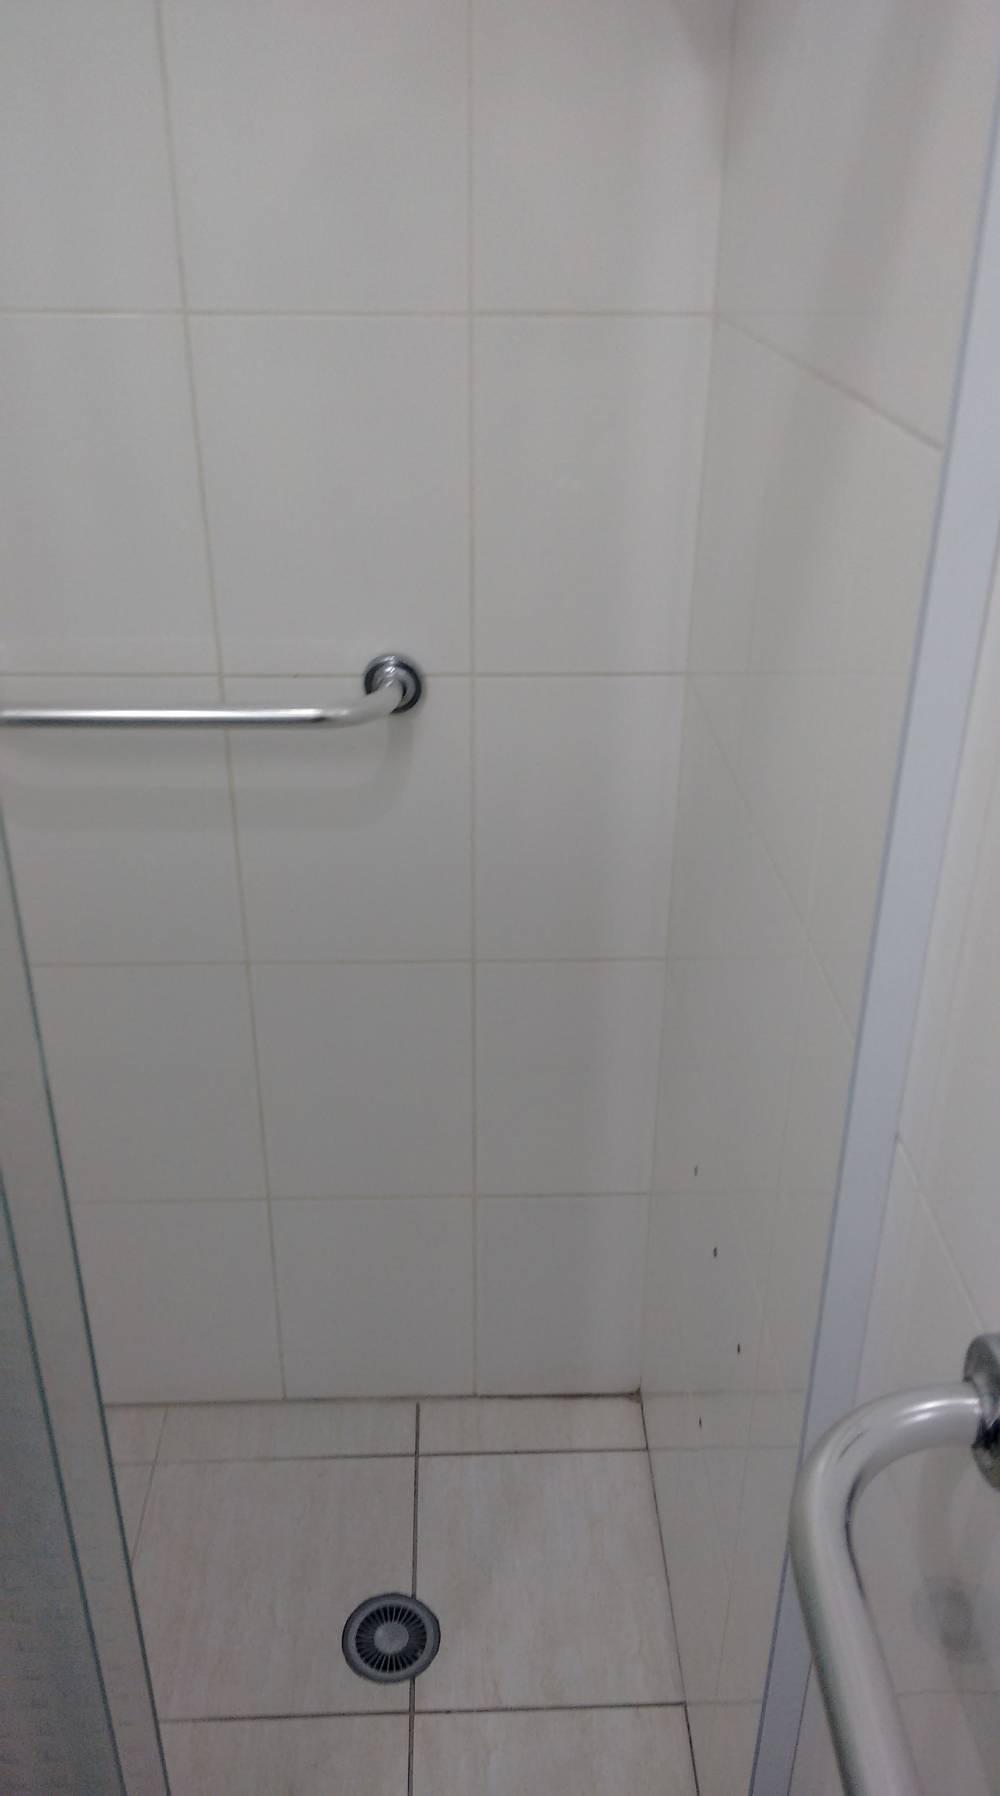 Preciso Reparos Residenciais em Americanópolis - Reparos Residenciais em São Paulo